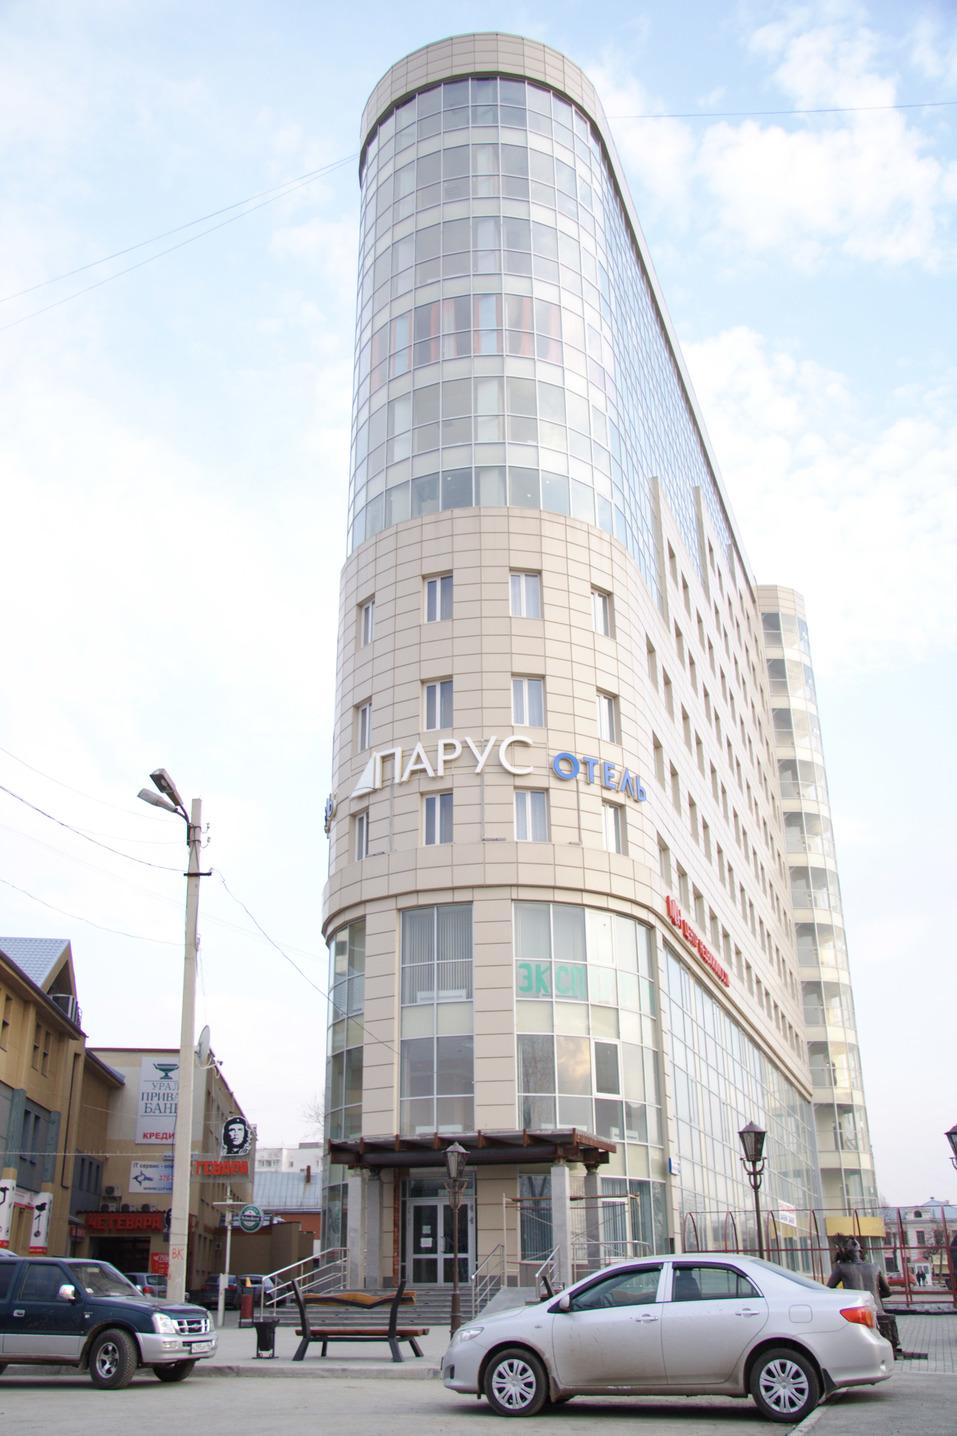 «Все как я люблю». Известный уральский отельер запускает новый проект в Екатеринбурге 1